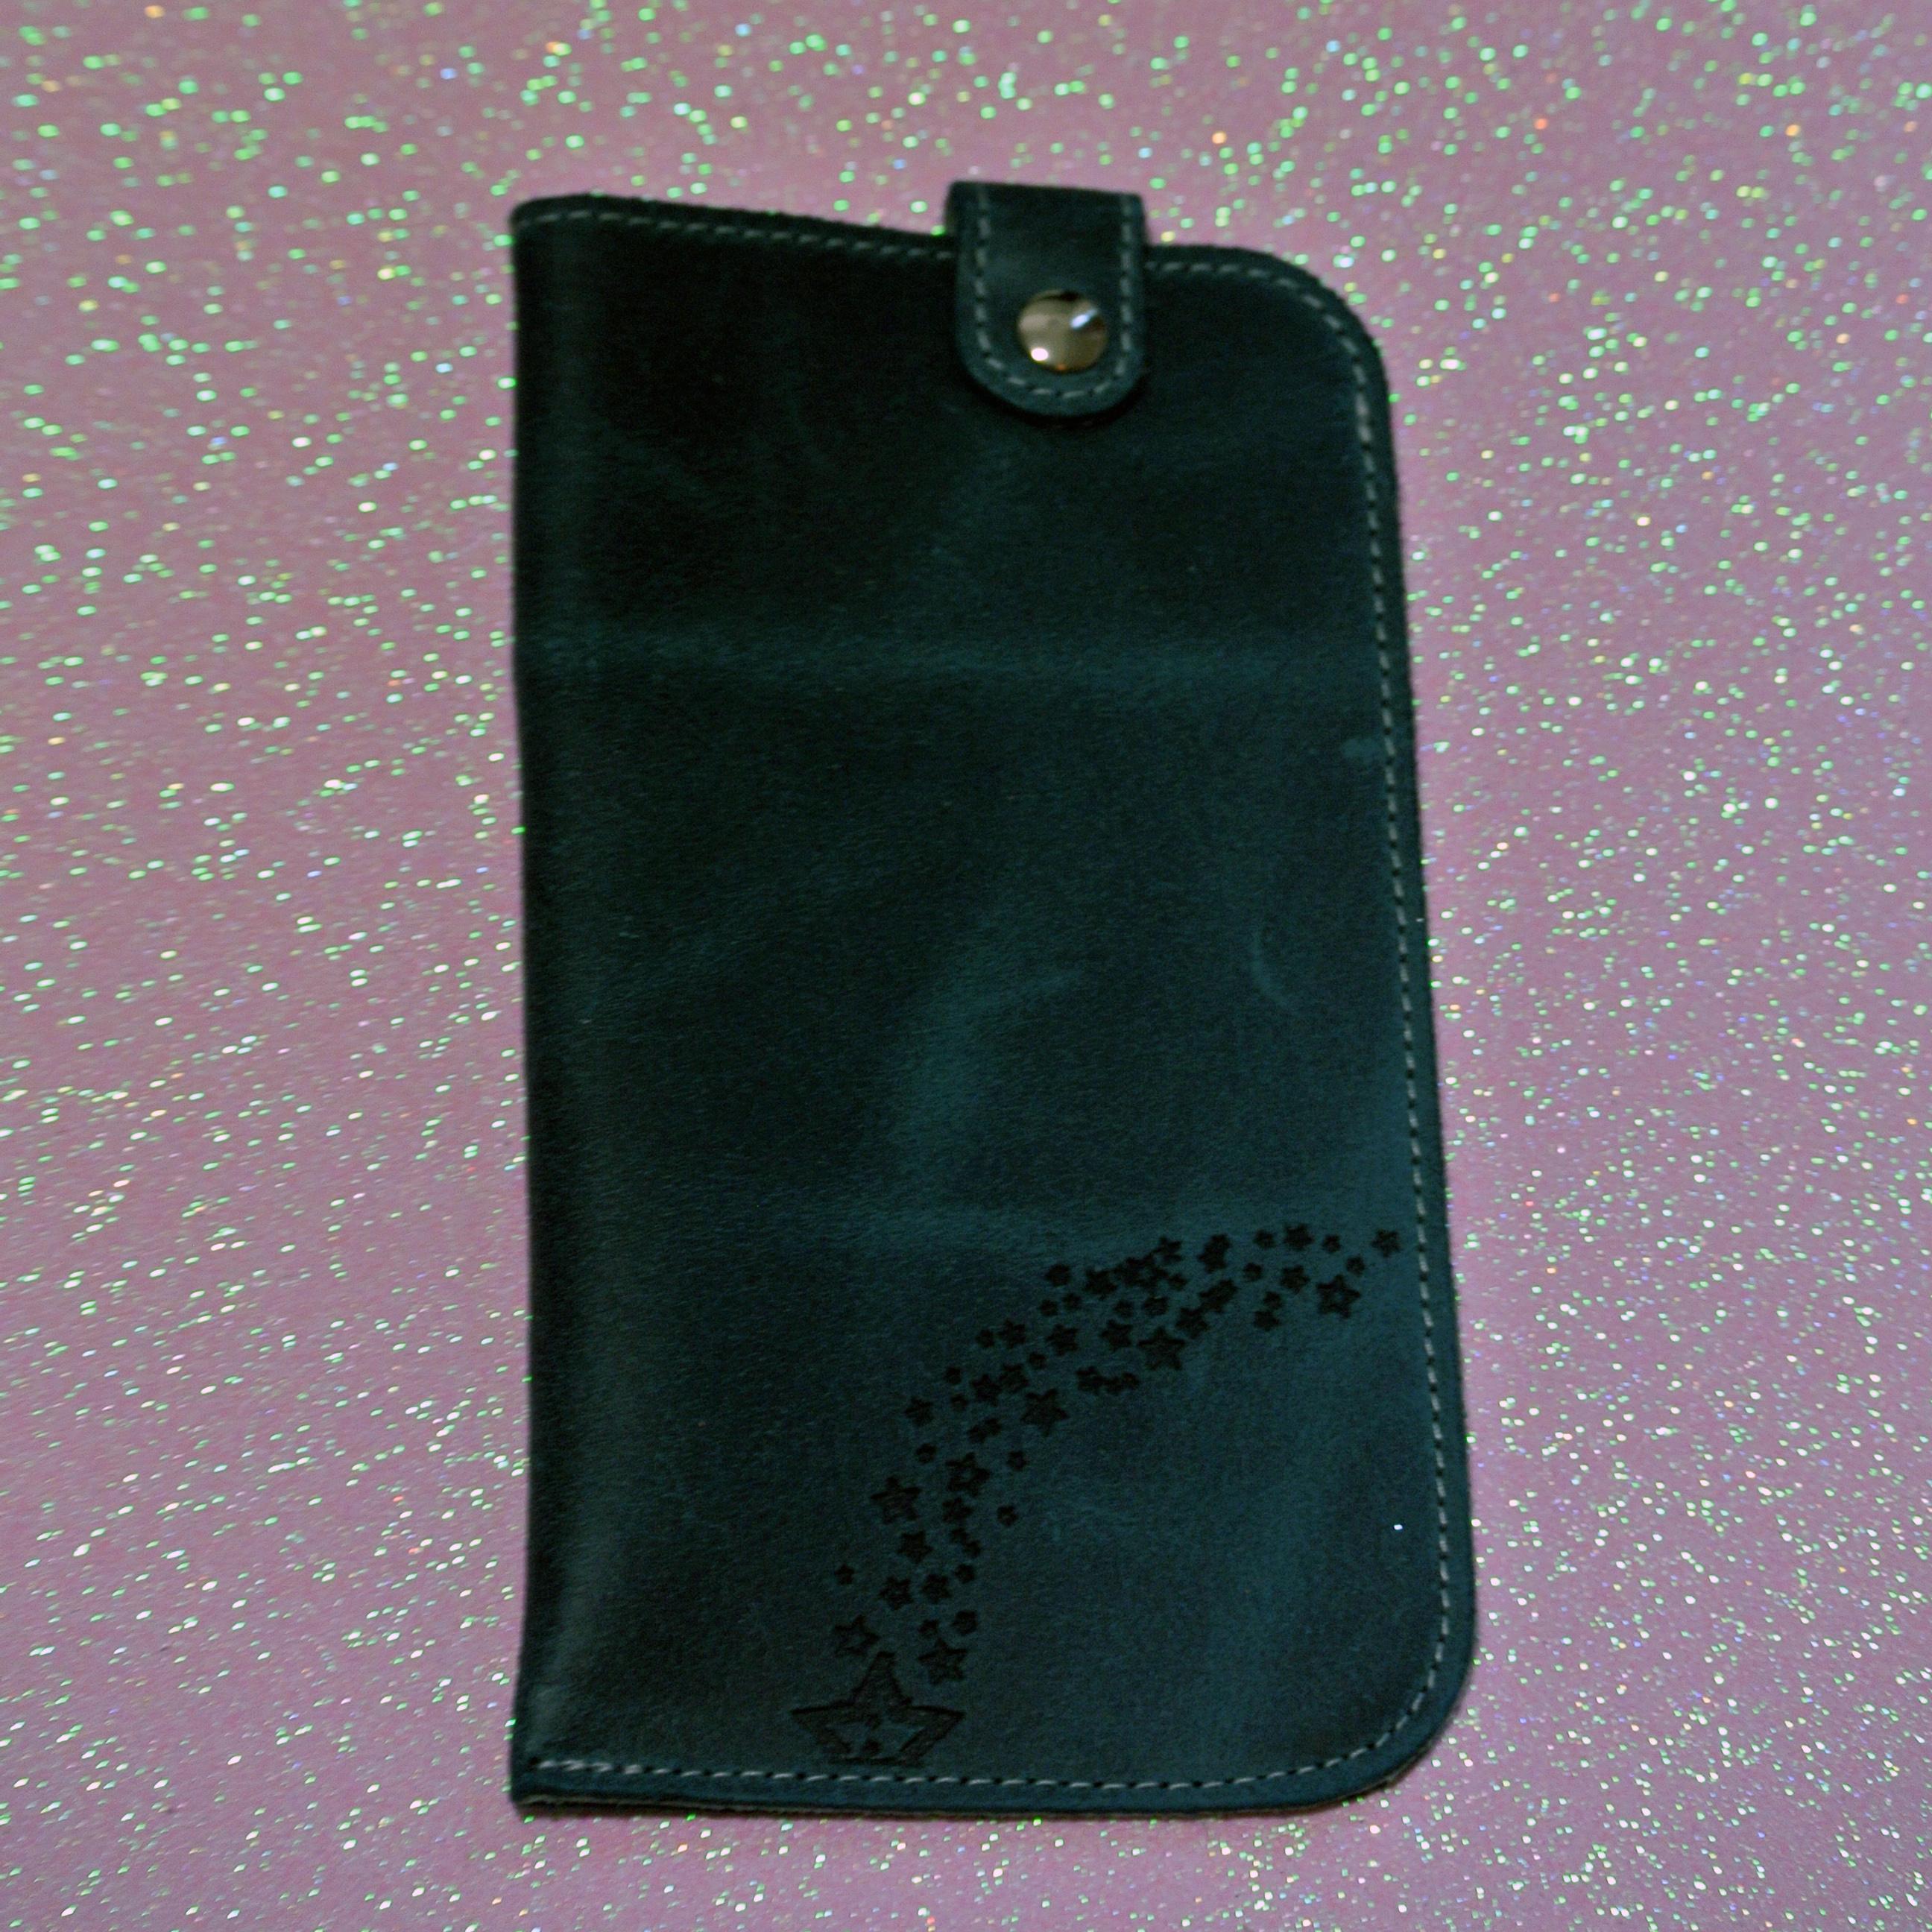 Bel étui à smartphone en cuir, idéal pour ranger votre téléphone, votre smartphone, votre iPhone, en cuir, made in france, la cartabliere